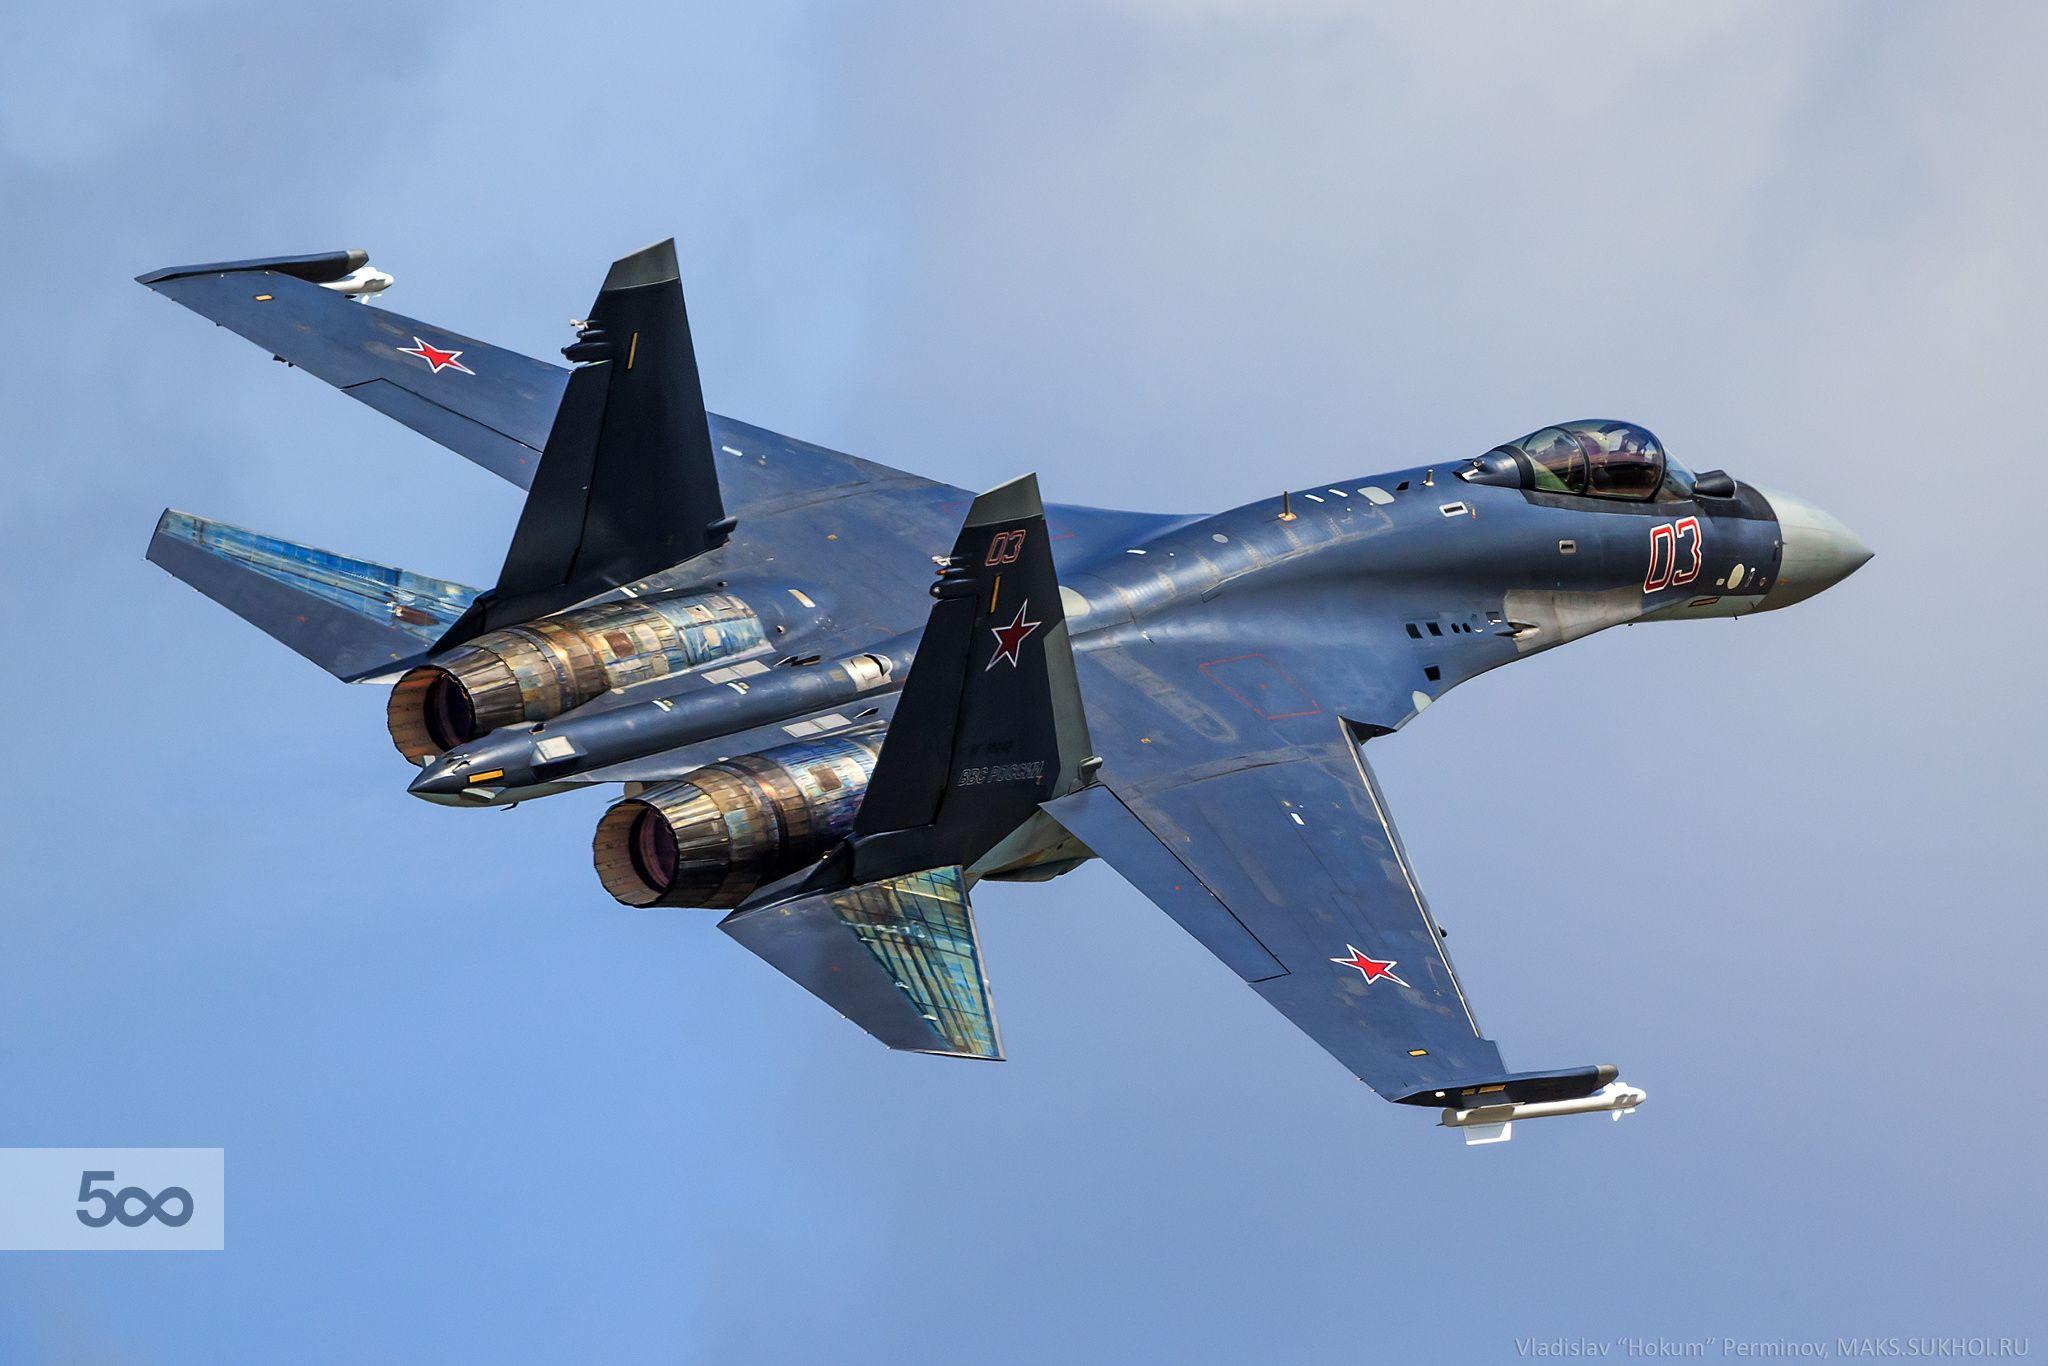 Sukhoi Su-35 by Владислав Перминов on 500px